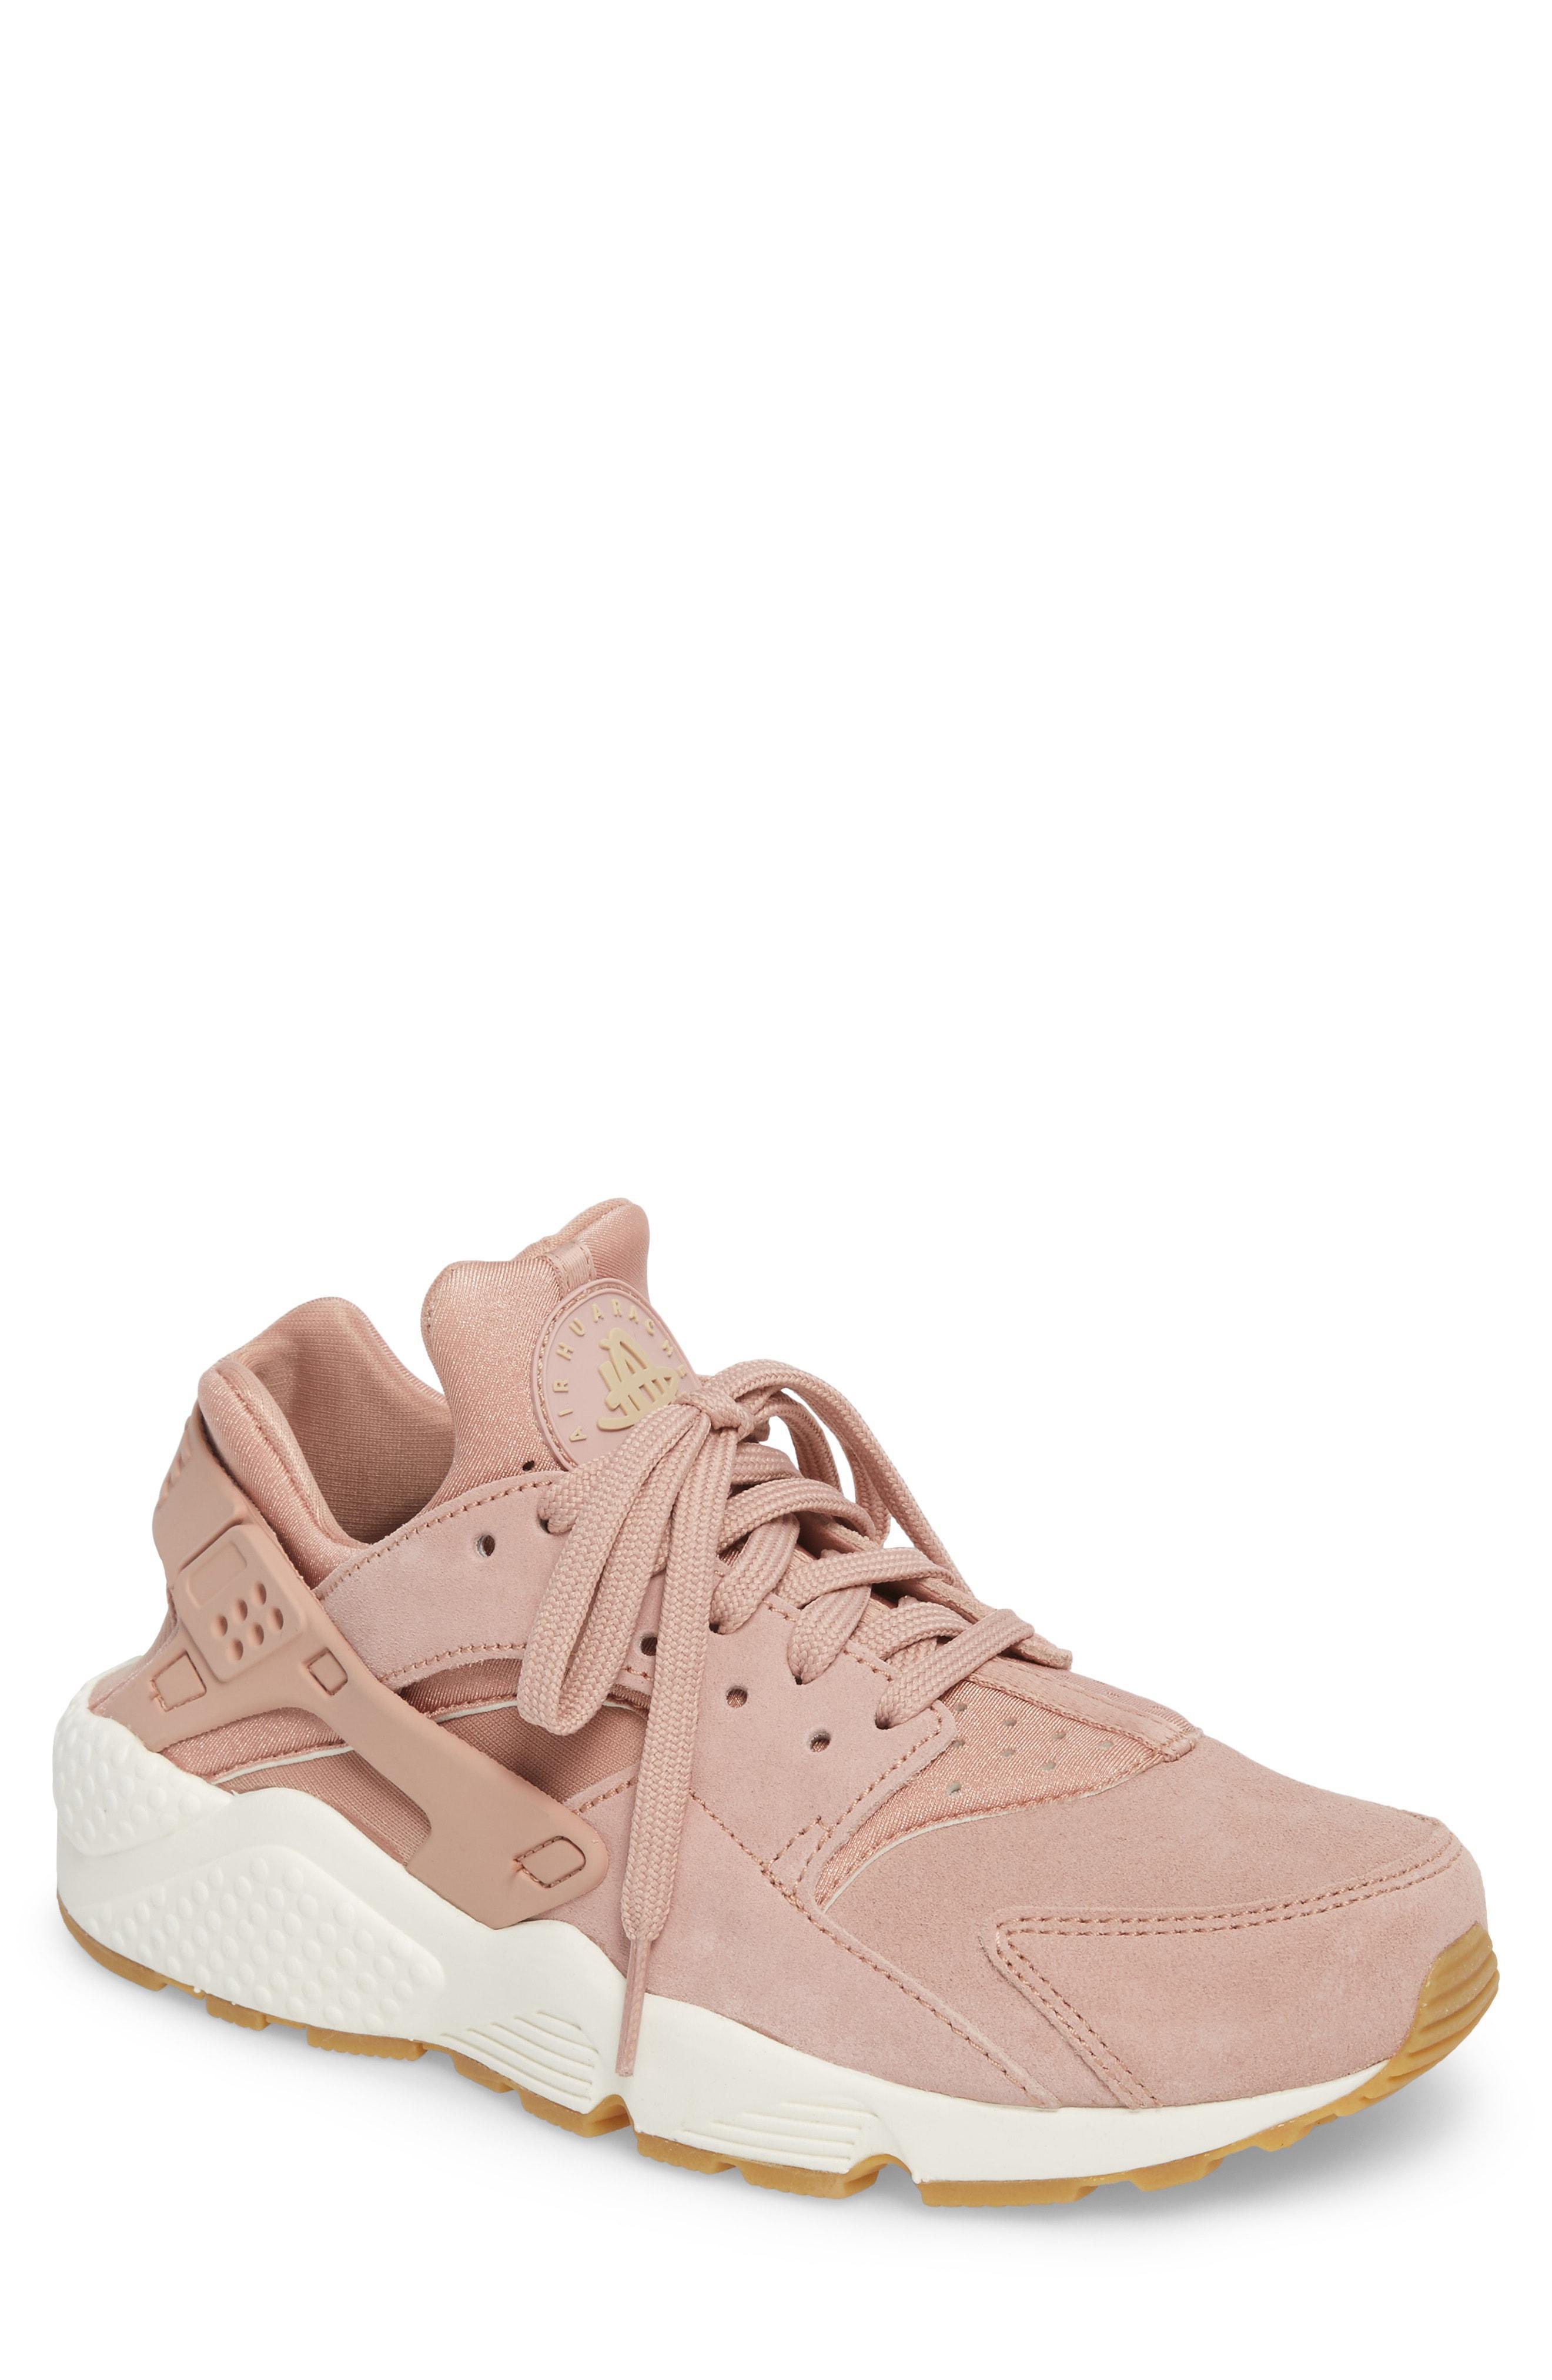 73fad4cad422 Nike Air Huarache Run Sd Sneaker In Particle Pink  Mushroom  Sail ...